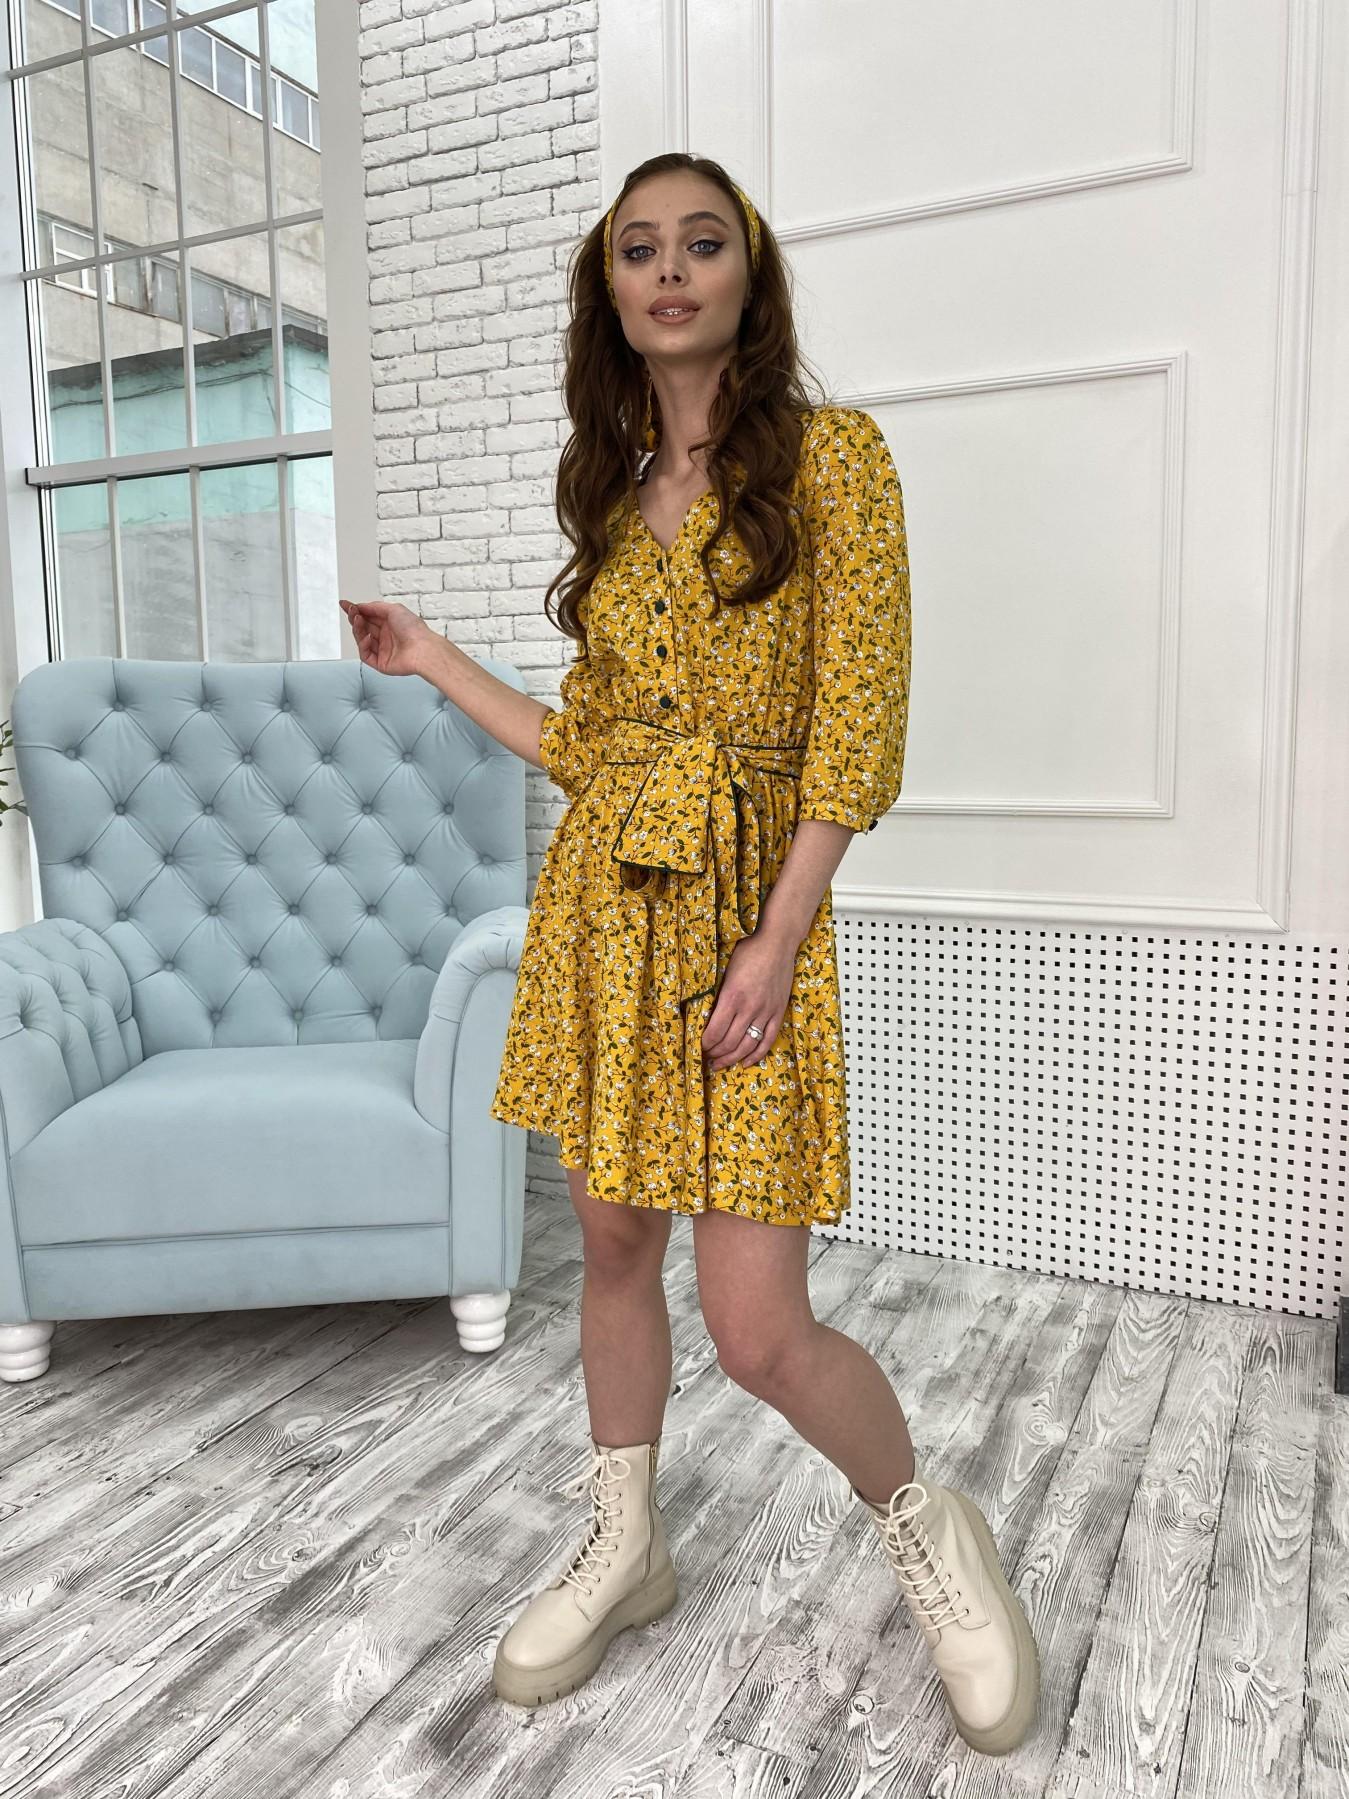 Джейн костюмка штапель принт платье 10881 АРТ. 47352 Цвет: Цветы мел горч/бел/гол - фото 5, интернет магазин tm-modus.ru